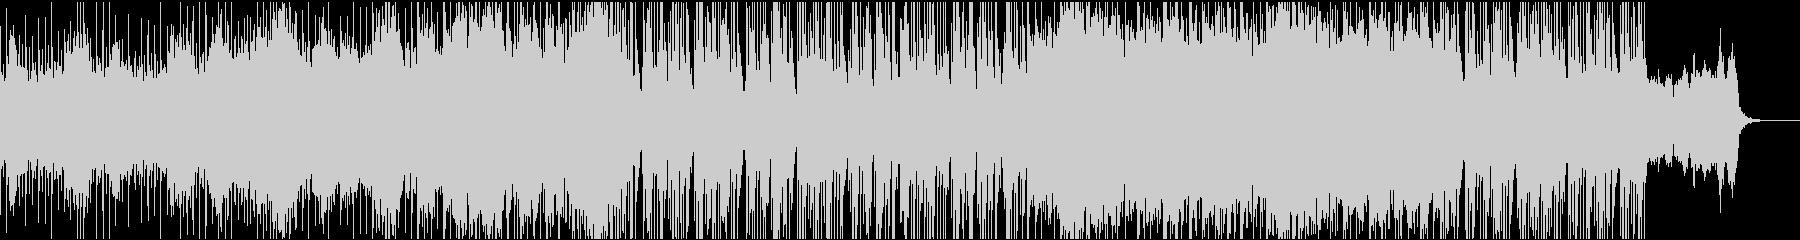 和風インダストリアル曲(別バージョン)の未再生の波形